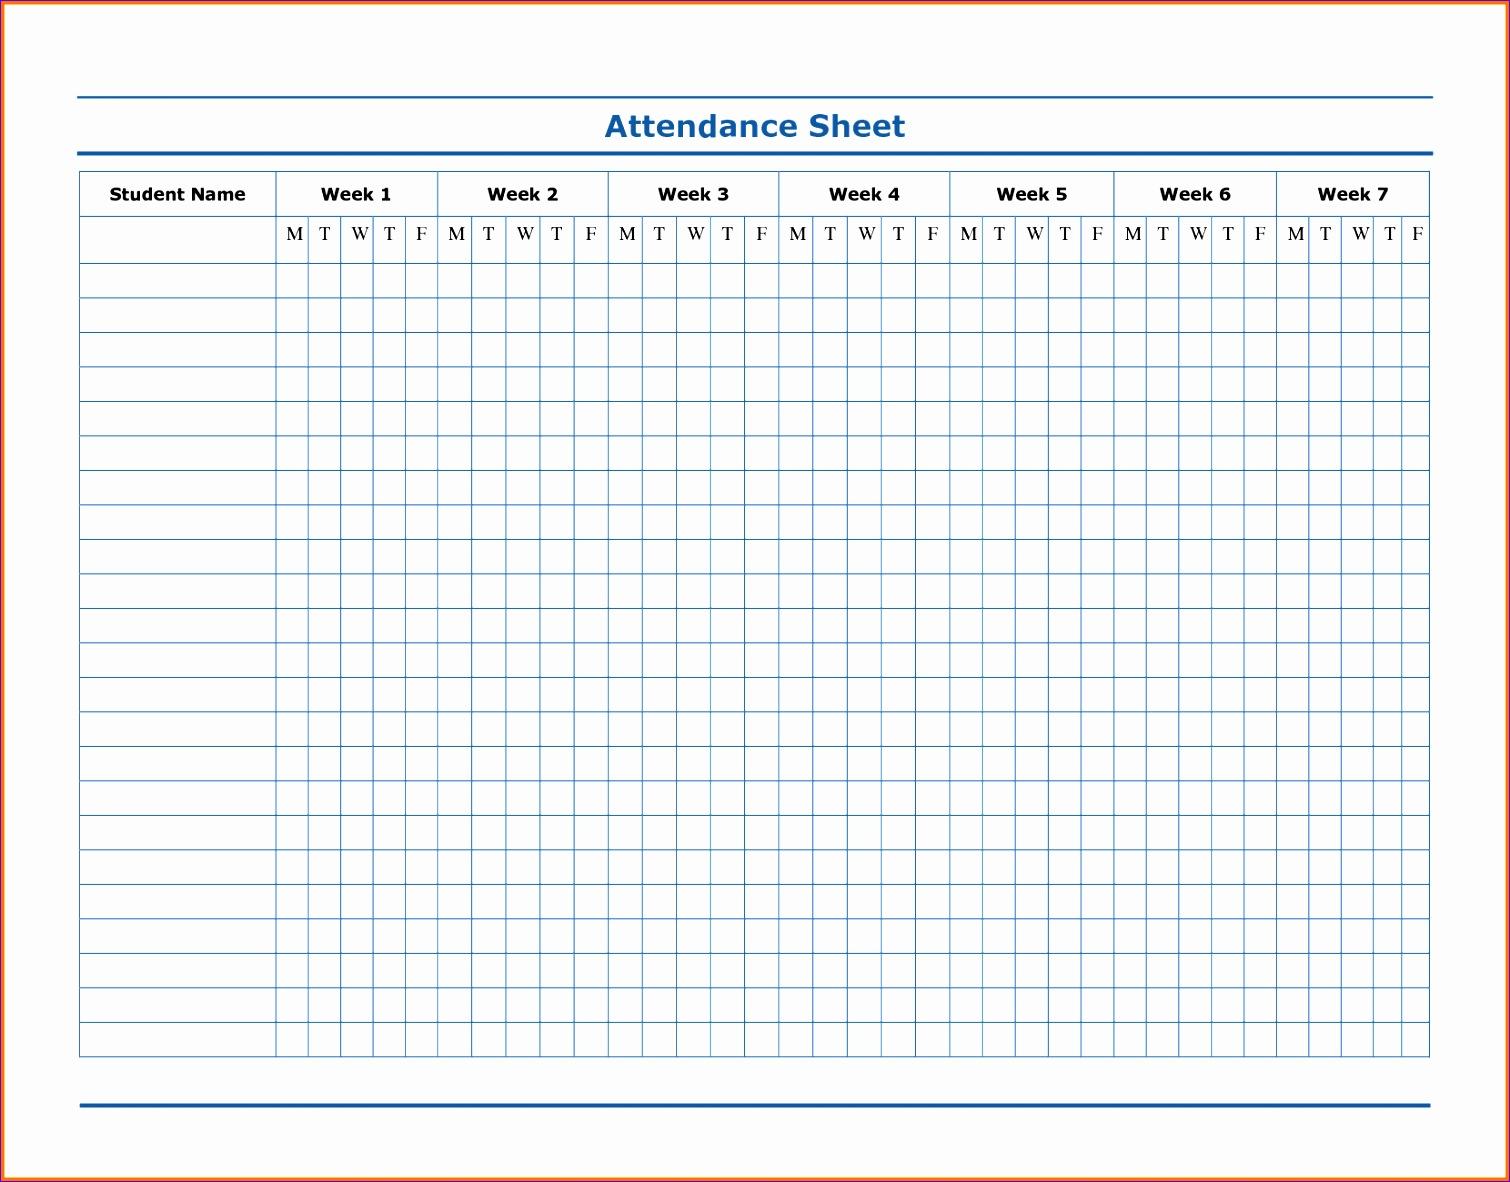 4 attendance sheet template 15101182